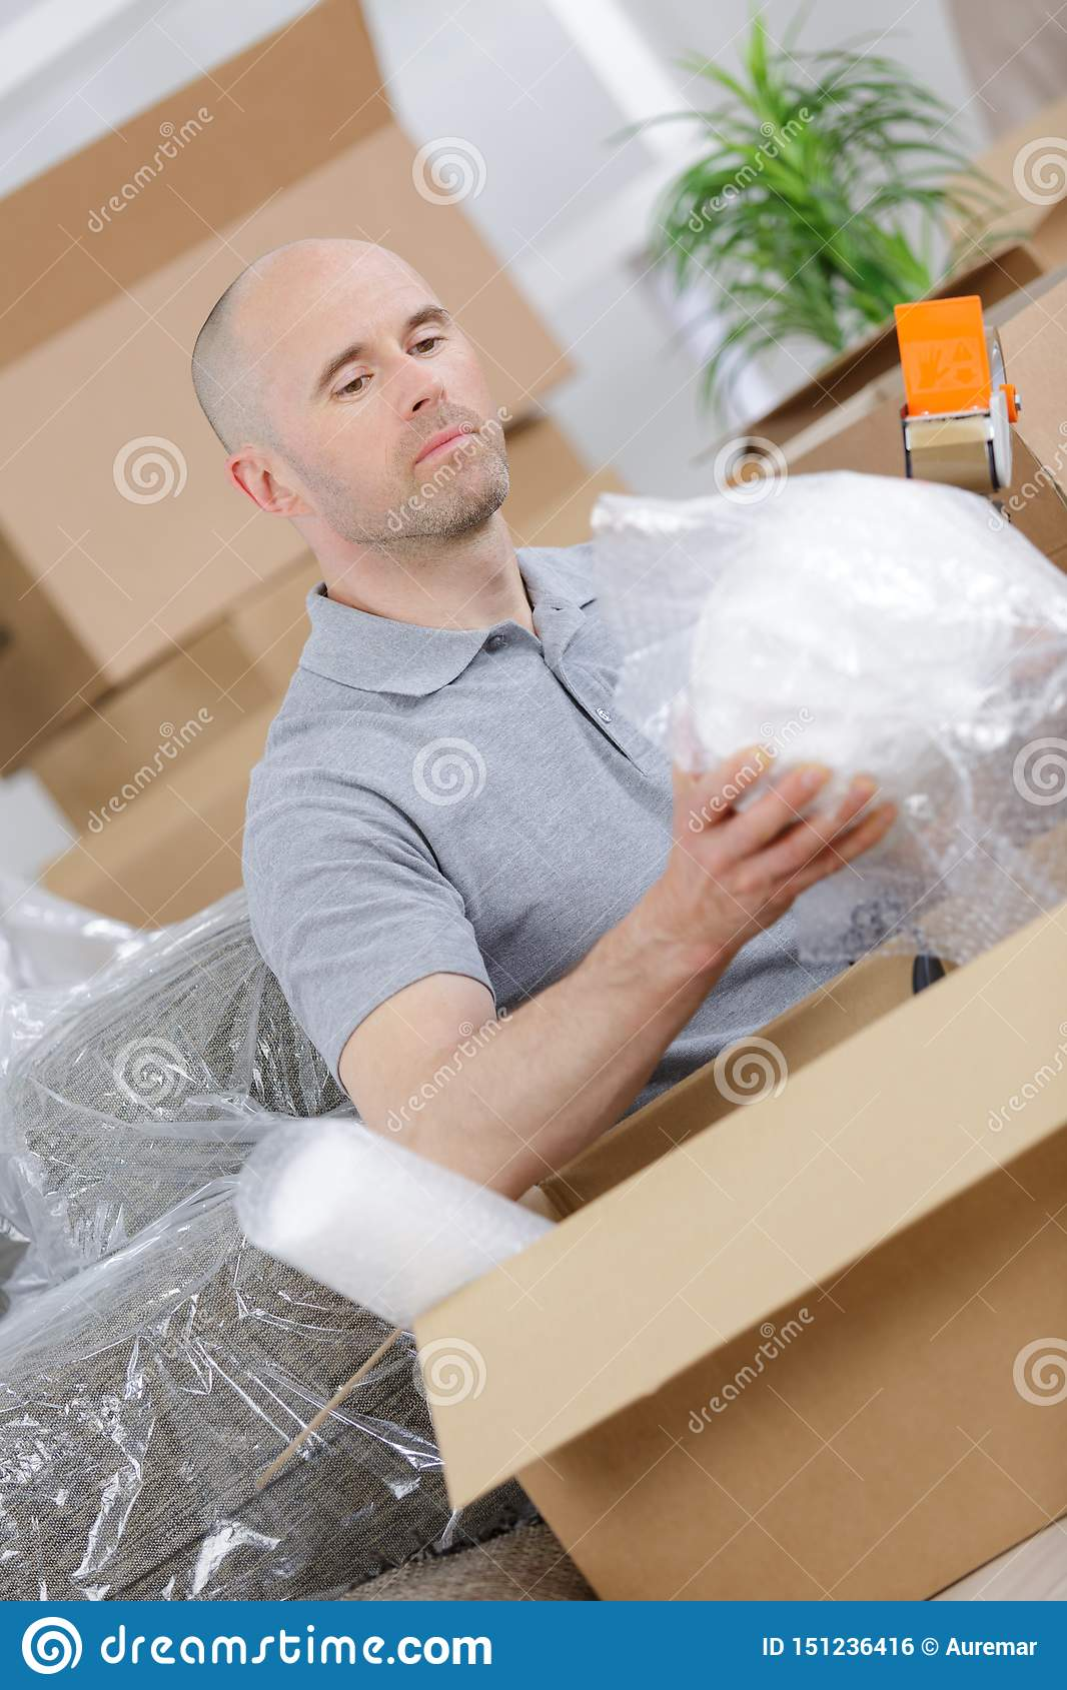 O homem deixa cair caixas de cartão